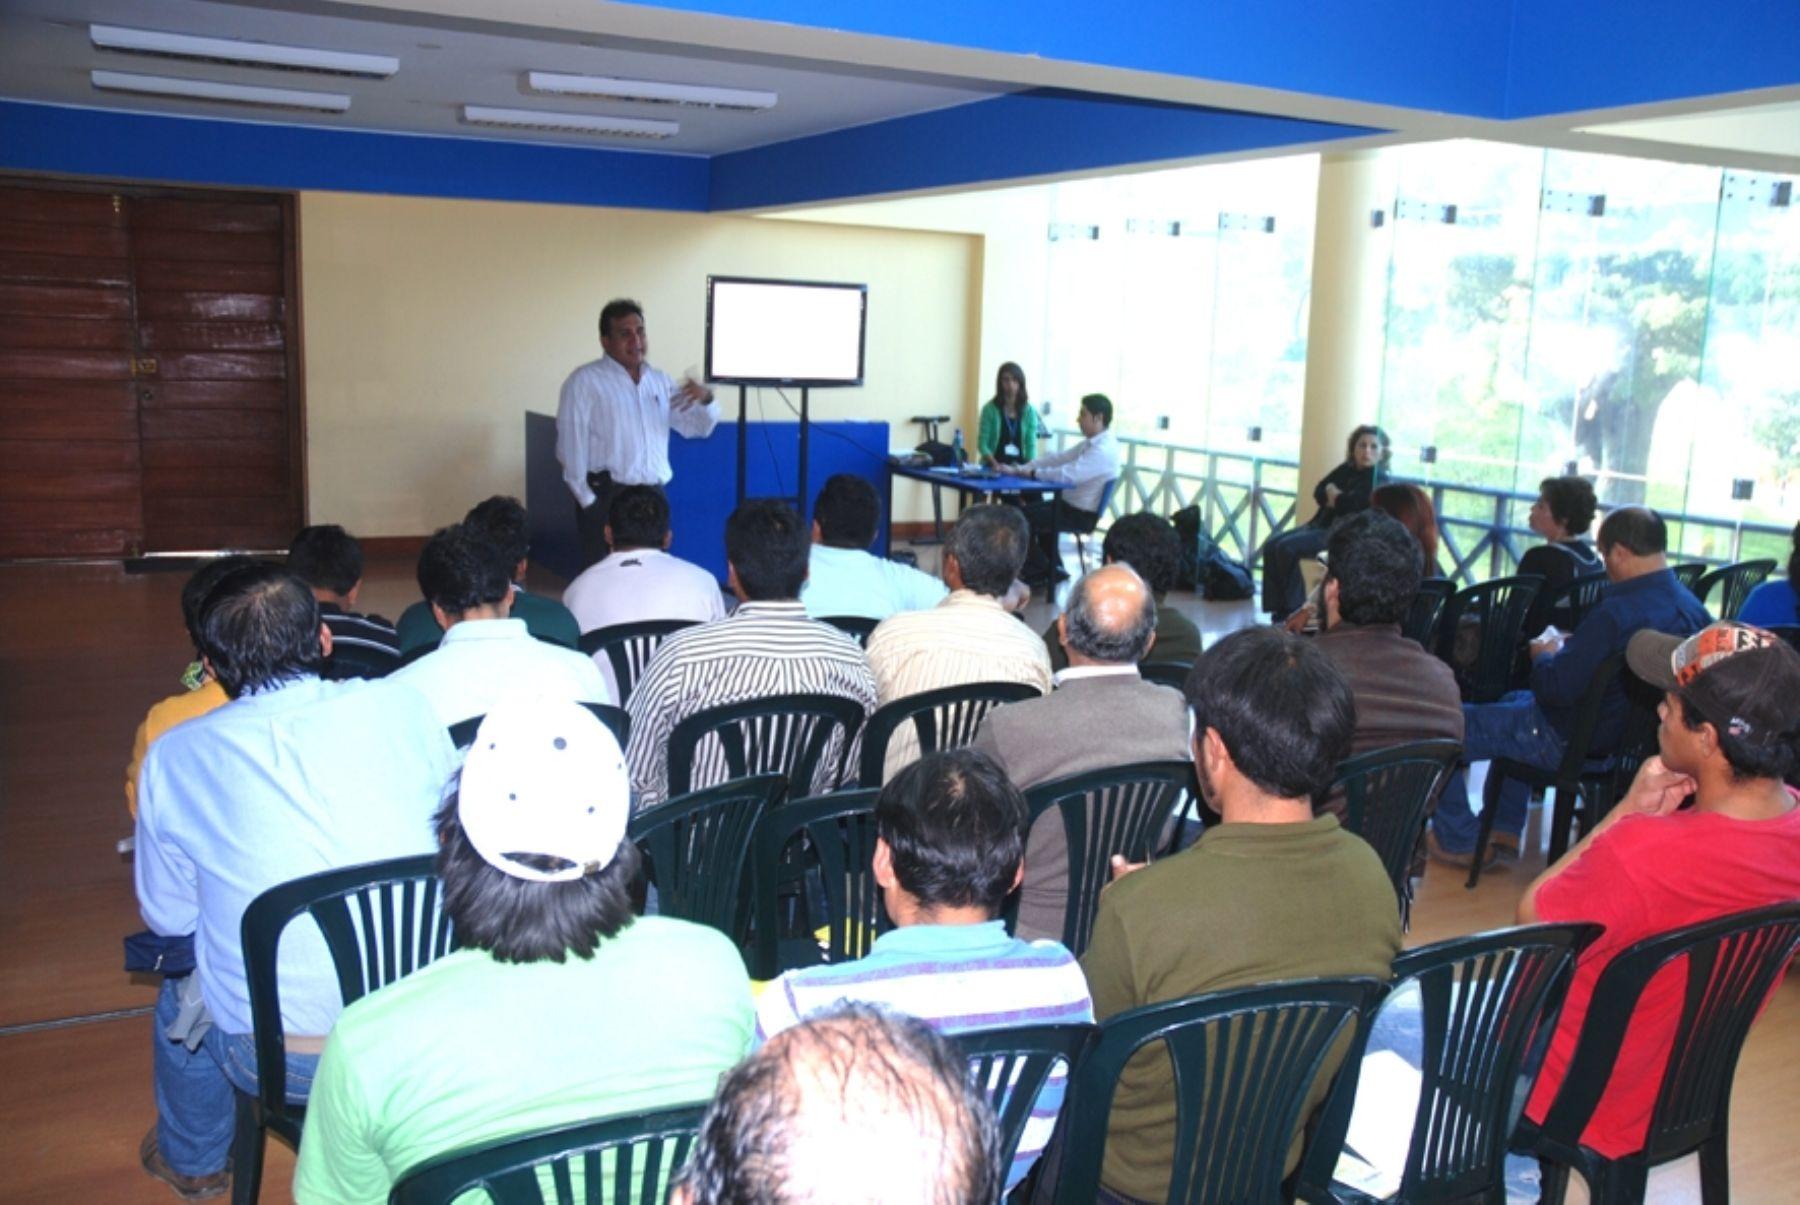 Municipalidad de Santiago de Surco inició charlas sobre seguridad y salud en el trabajo, dirigidas a empresarios y trabajadores de construcción civil, a fin de evitar accidentes.